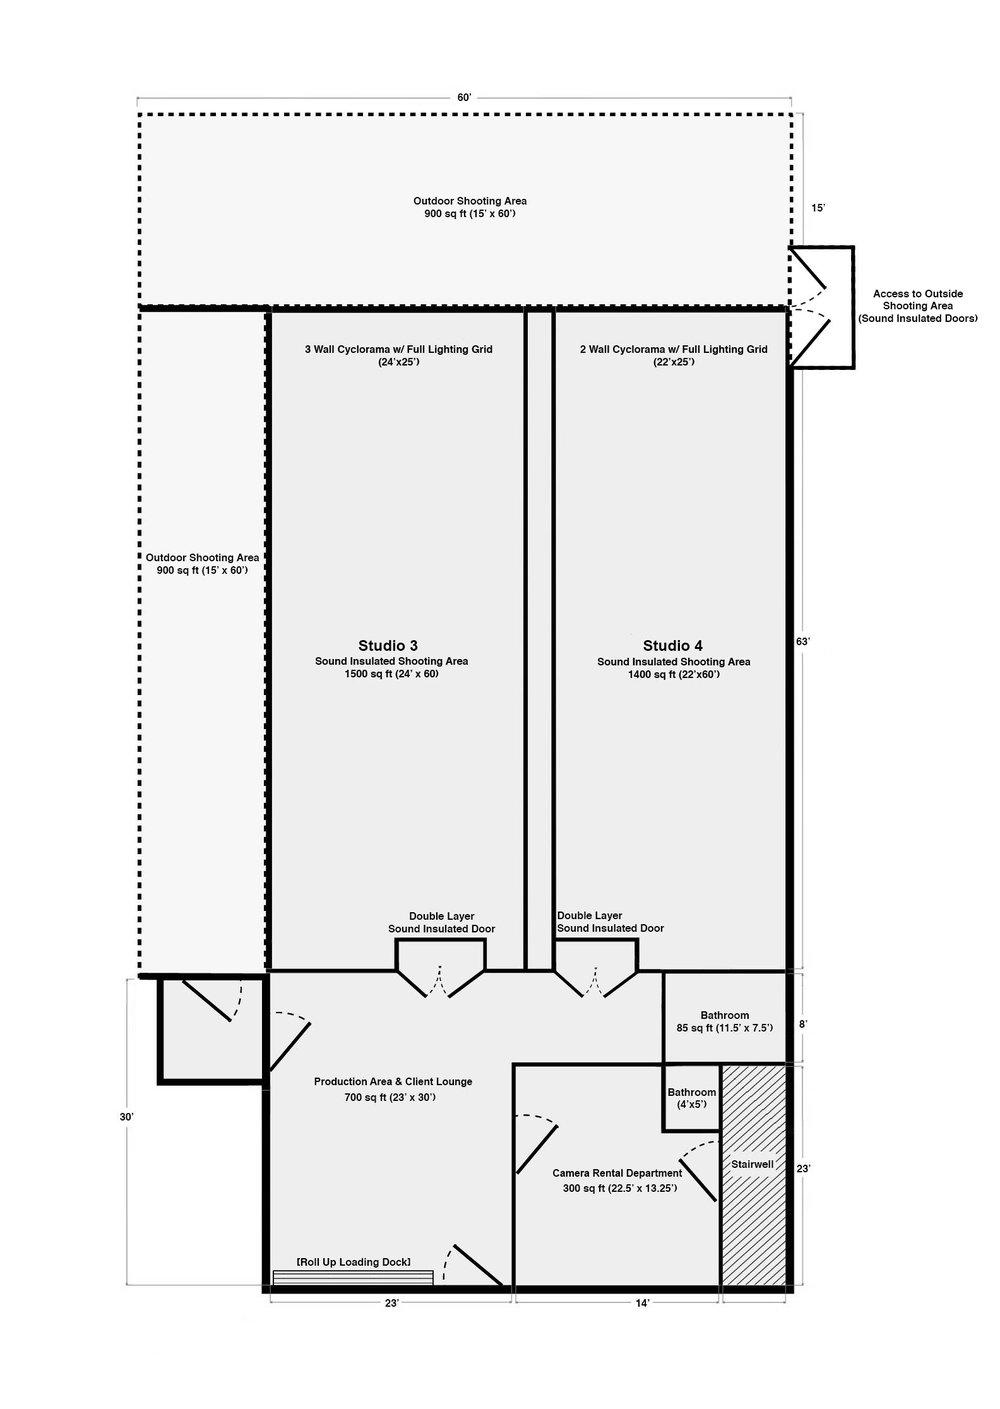 soundstage-studio-3-4-floor-plan.jpg